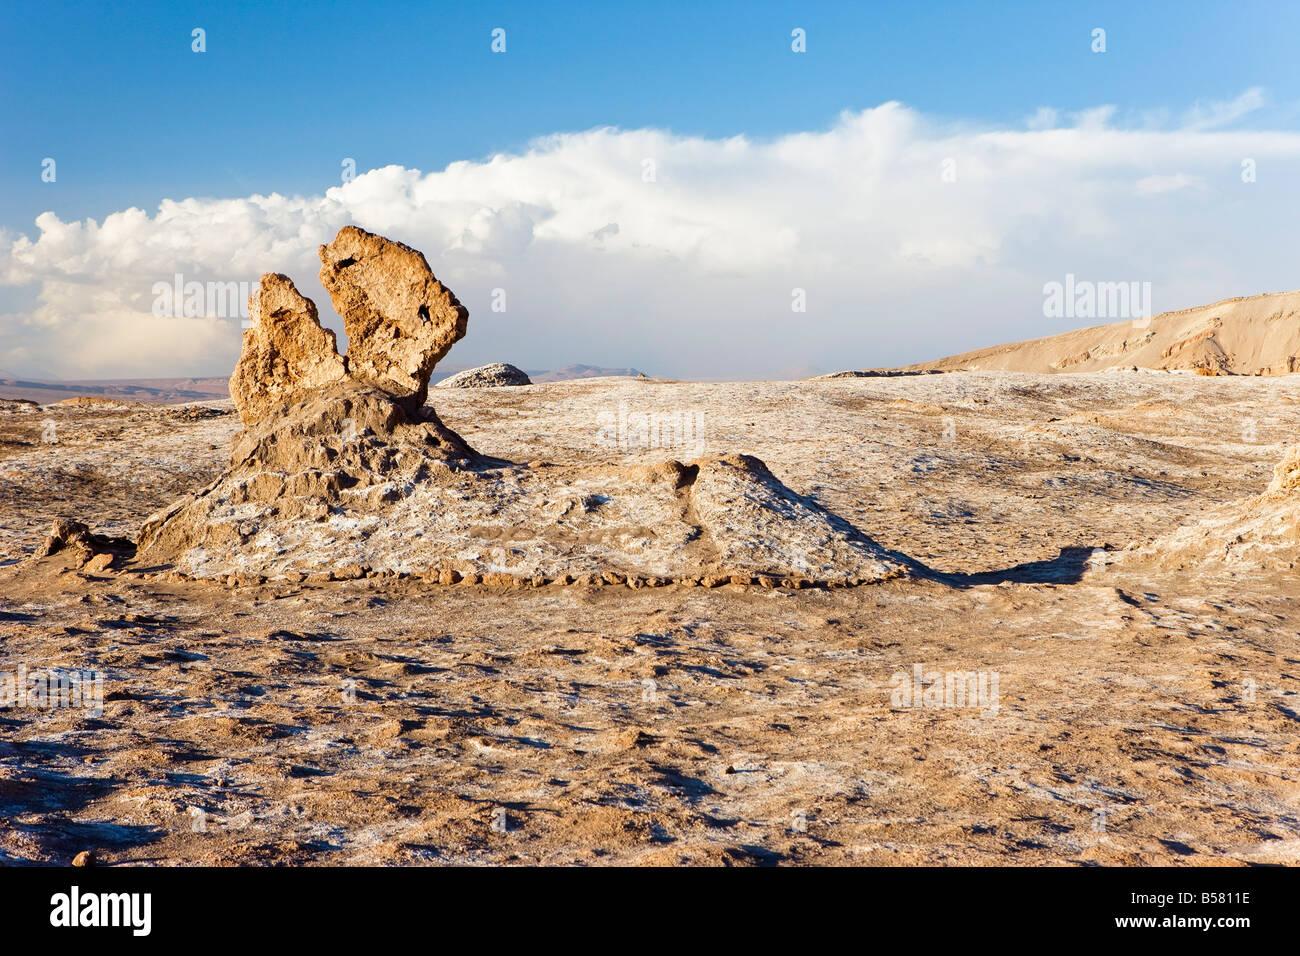 Pináculos de roca erosionada, Valle de la Luna (Valle de la luna), el desierto de Atacama, Norte Grande de Imagen De Stock